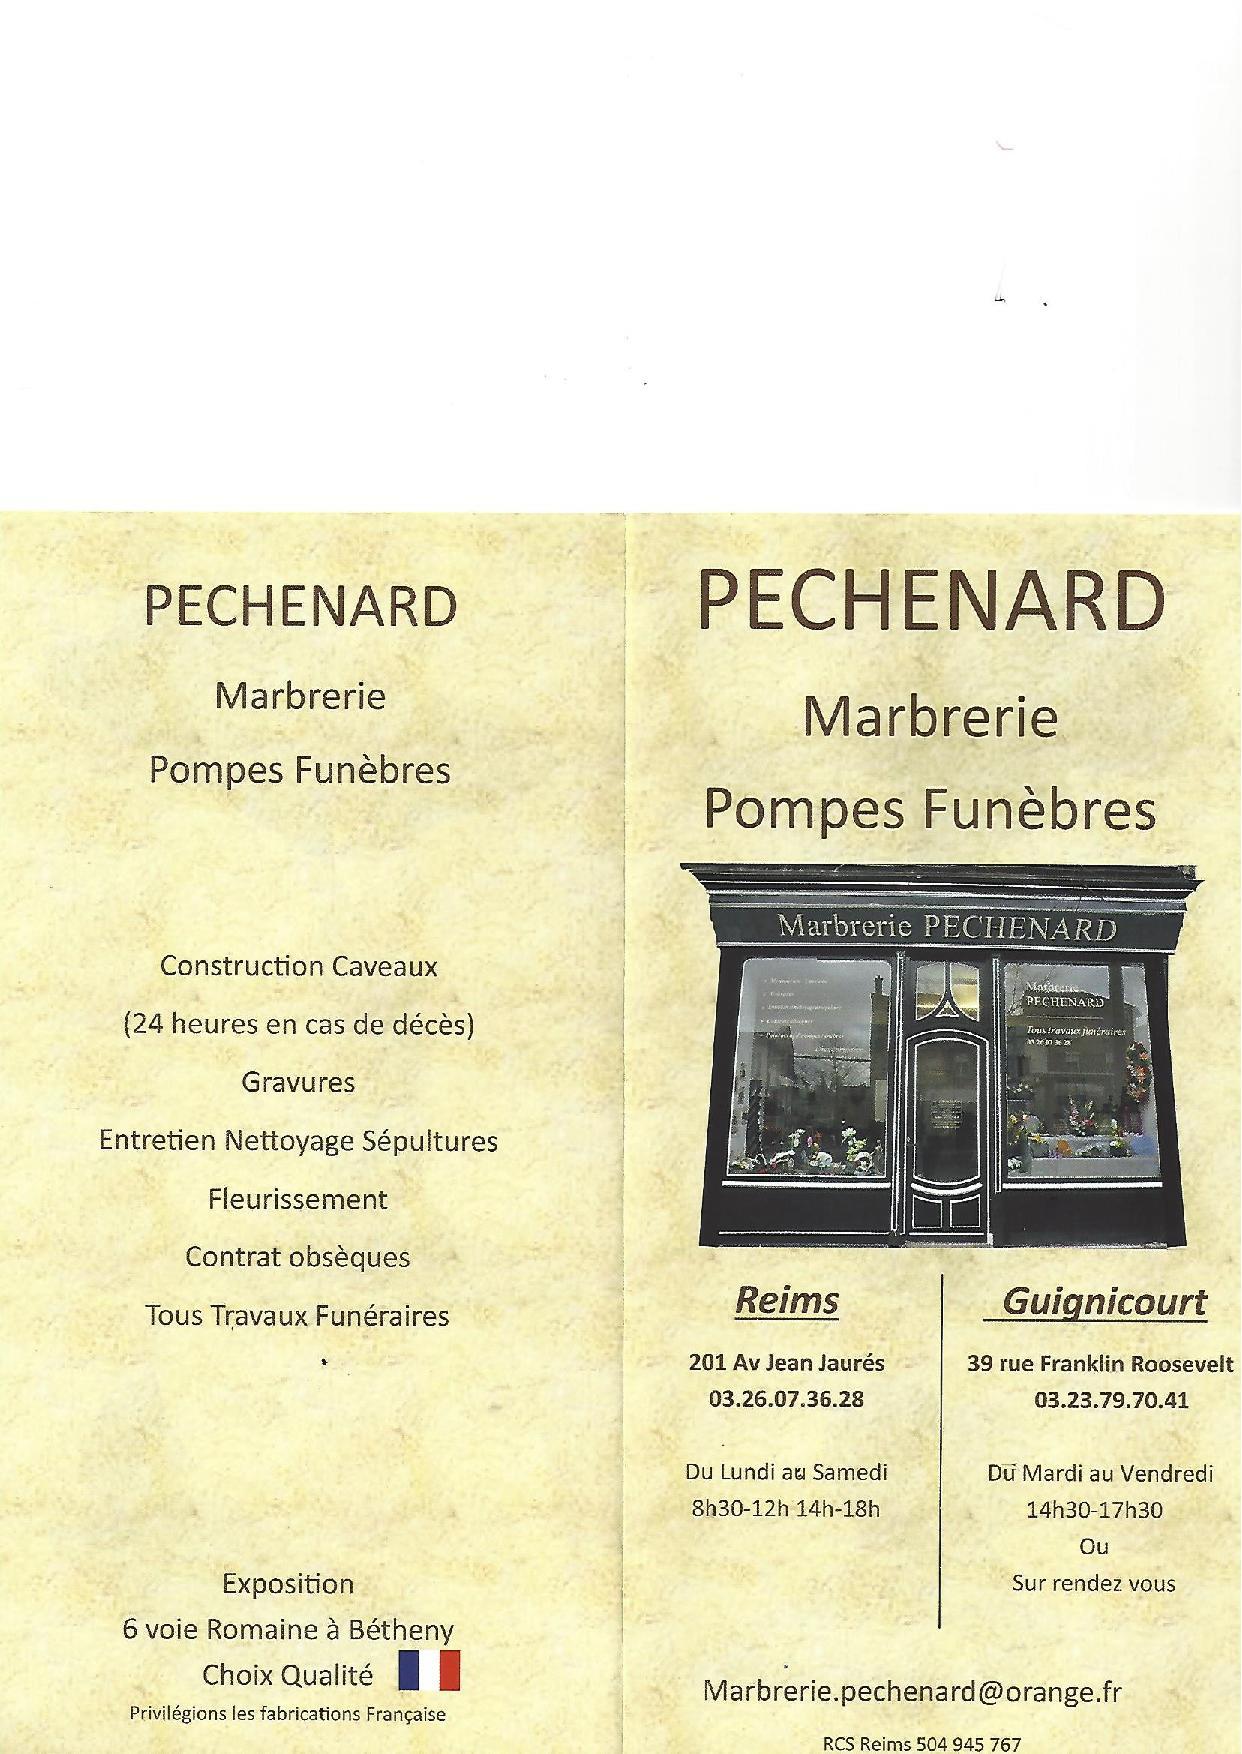 PECHENARD